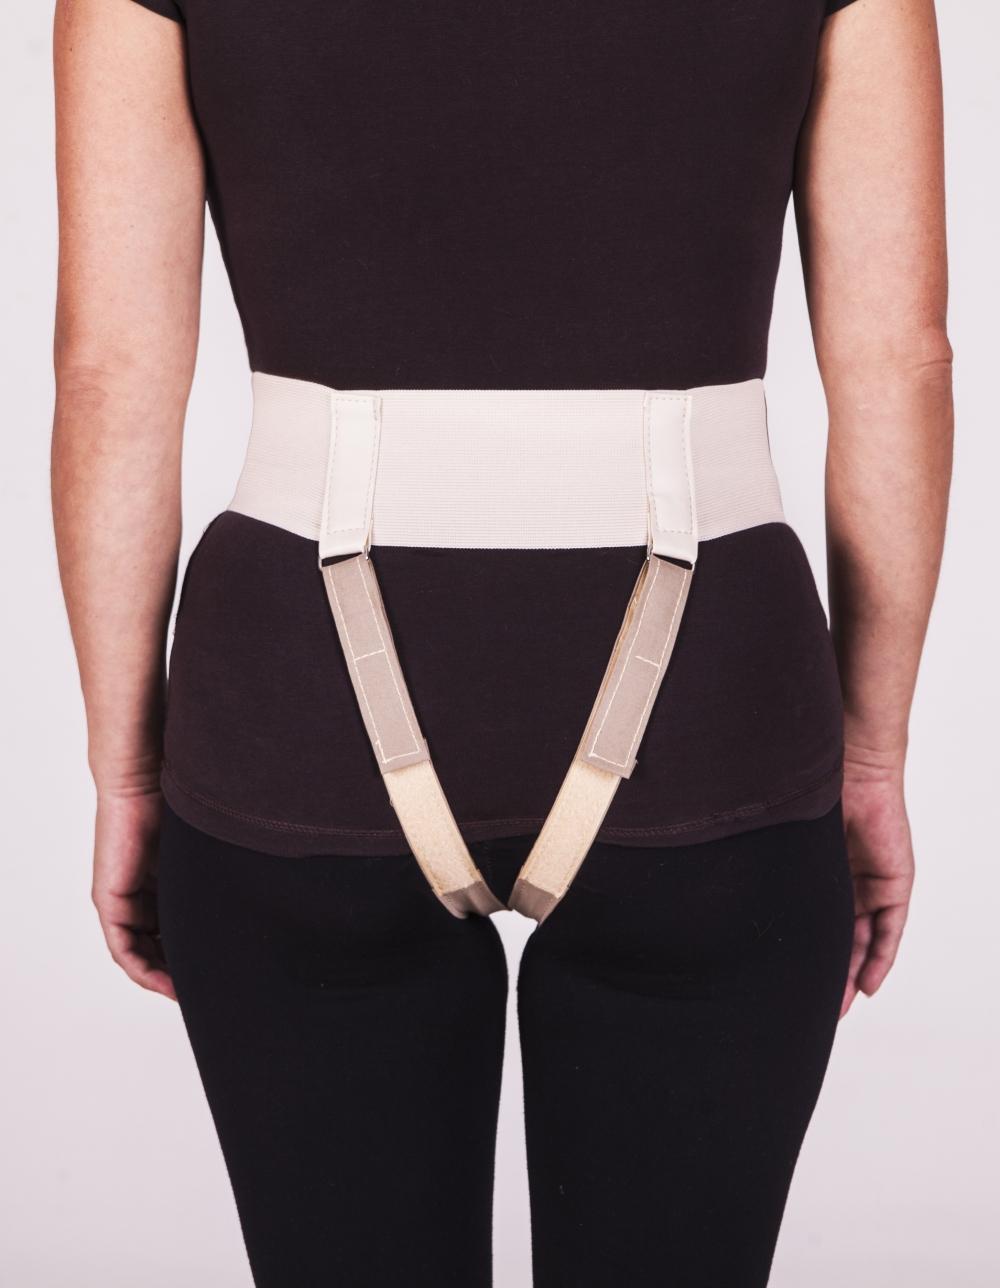 Бандаж для поддержки внутренних органов (матки) - 2